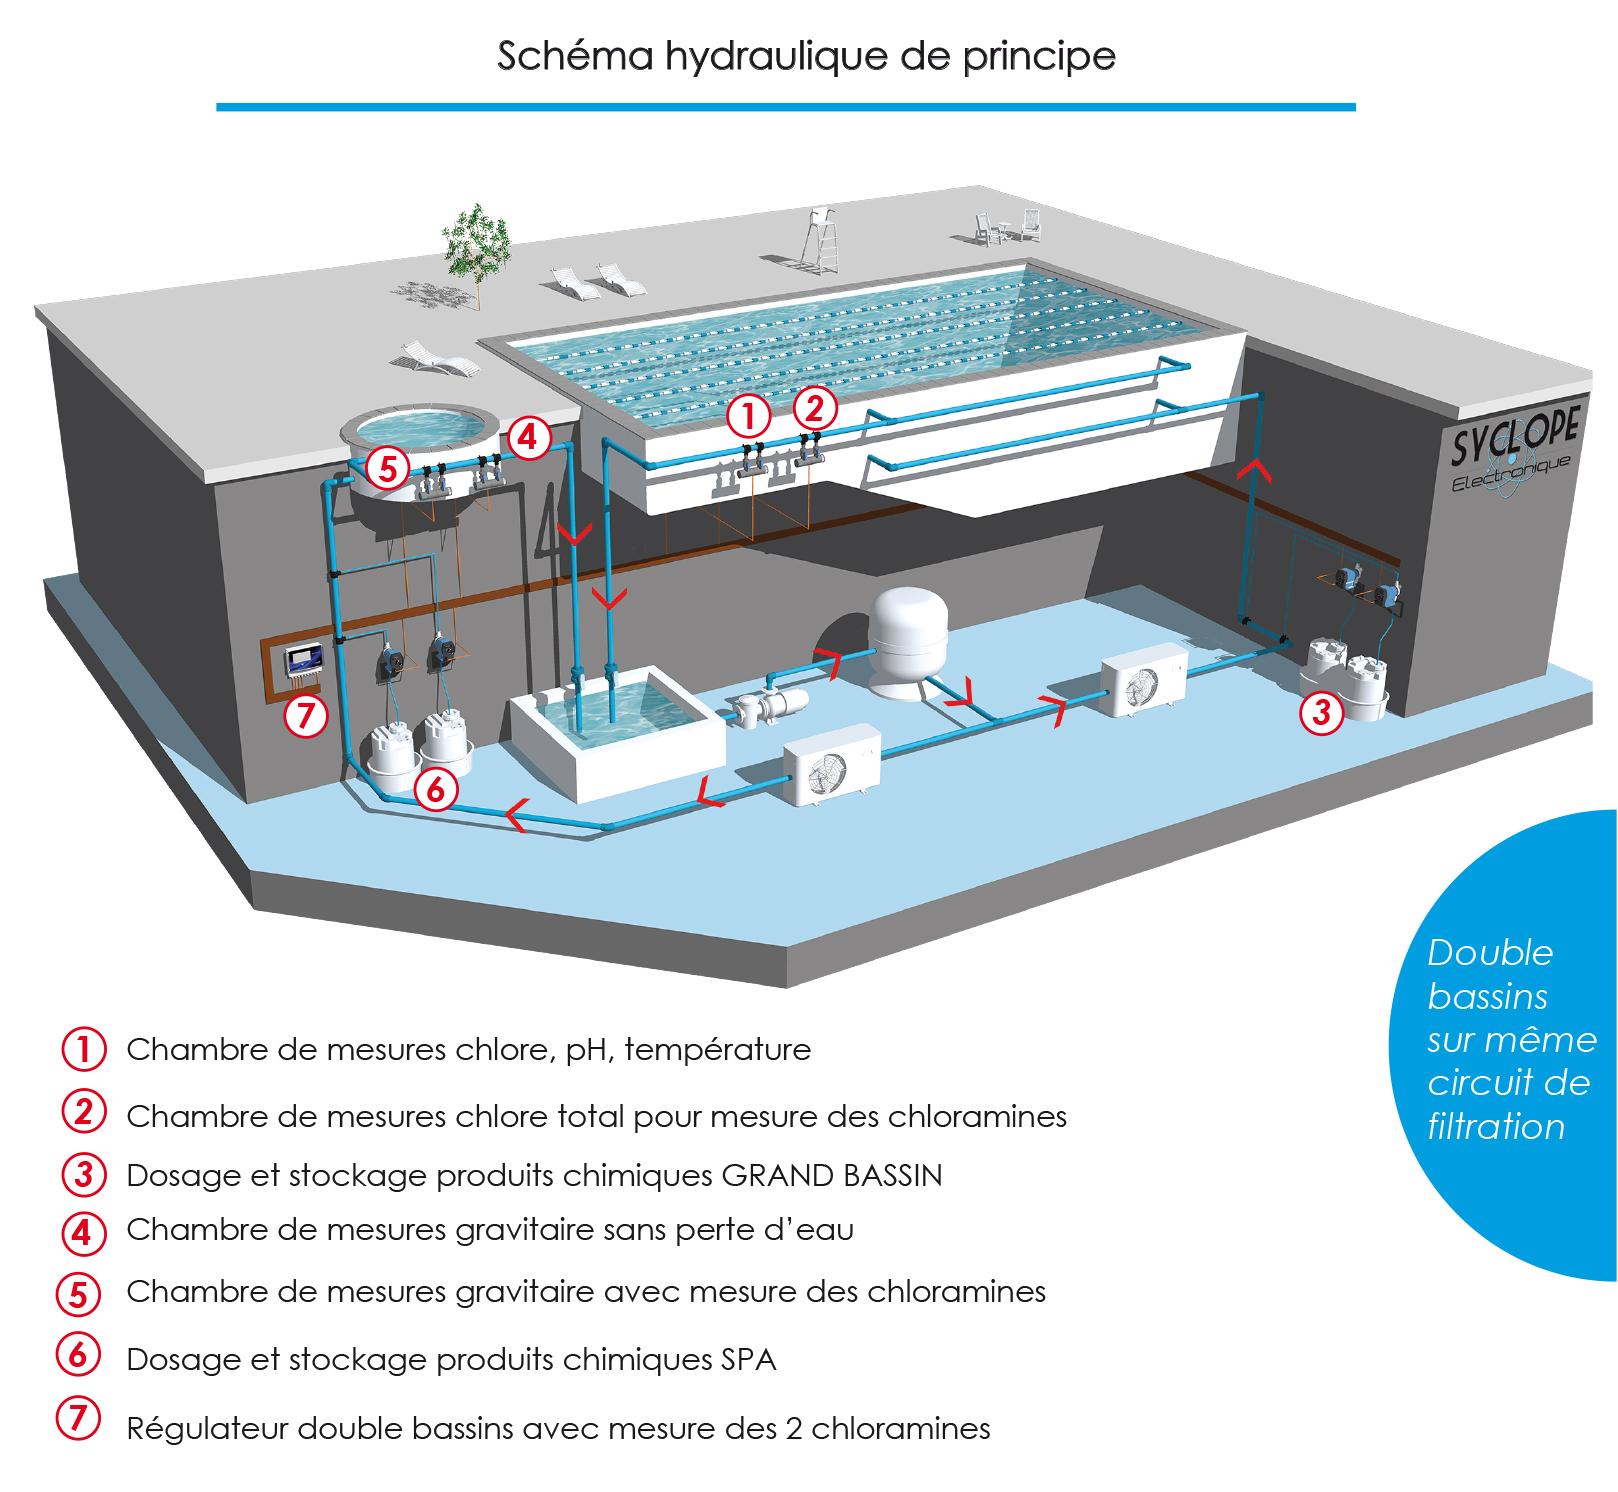 Schéma hydraulique double bassins